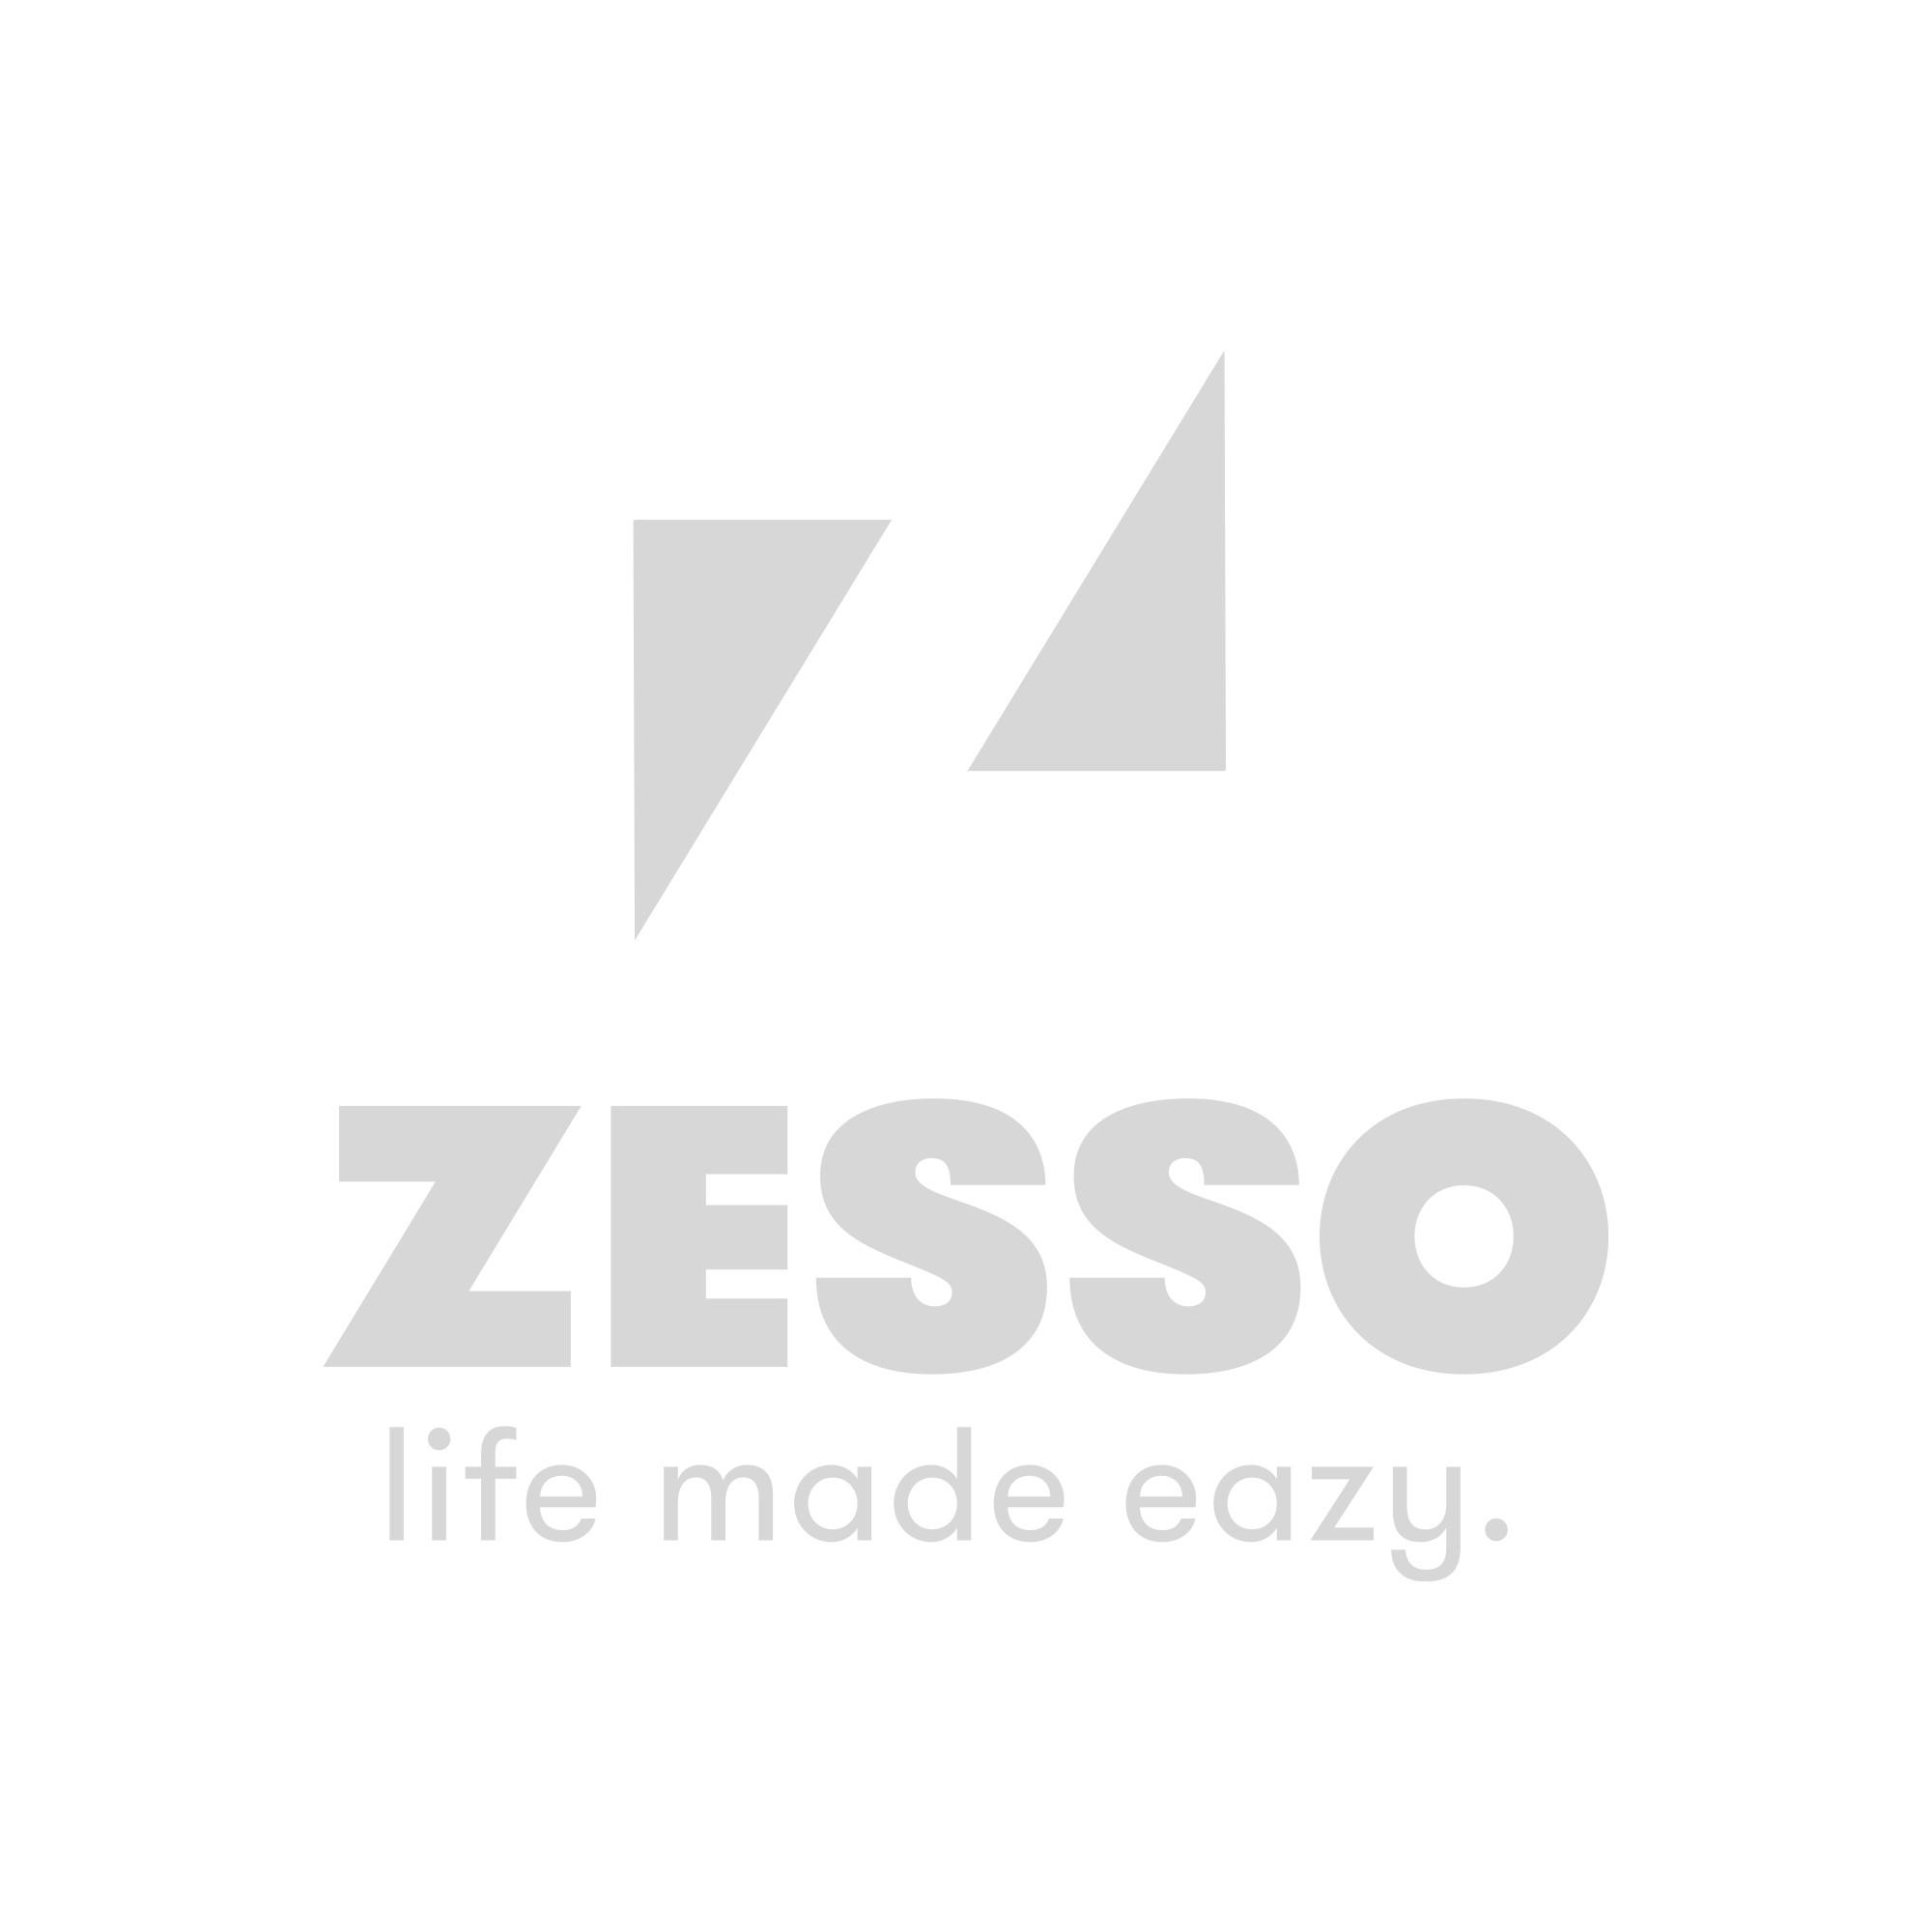 FurniStyle Eetkamerset 3-delig Trente – Eettafel Met 2 Stoelen